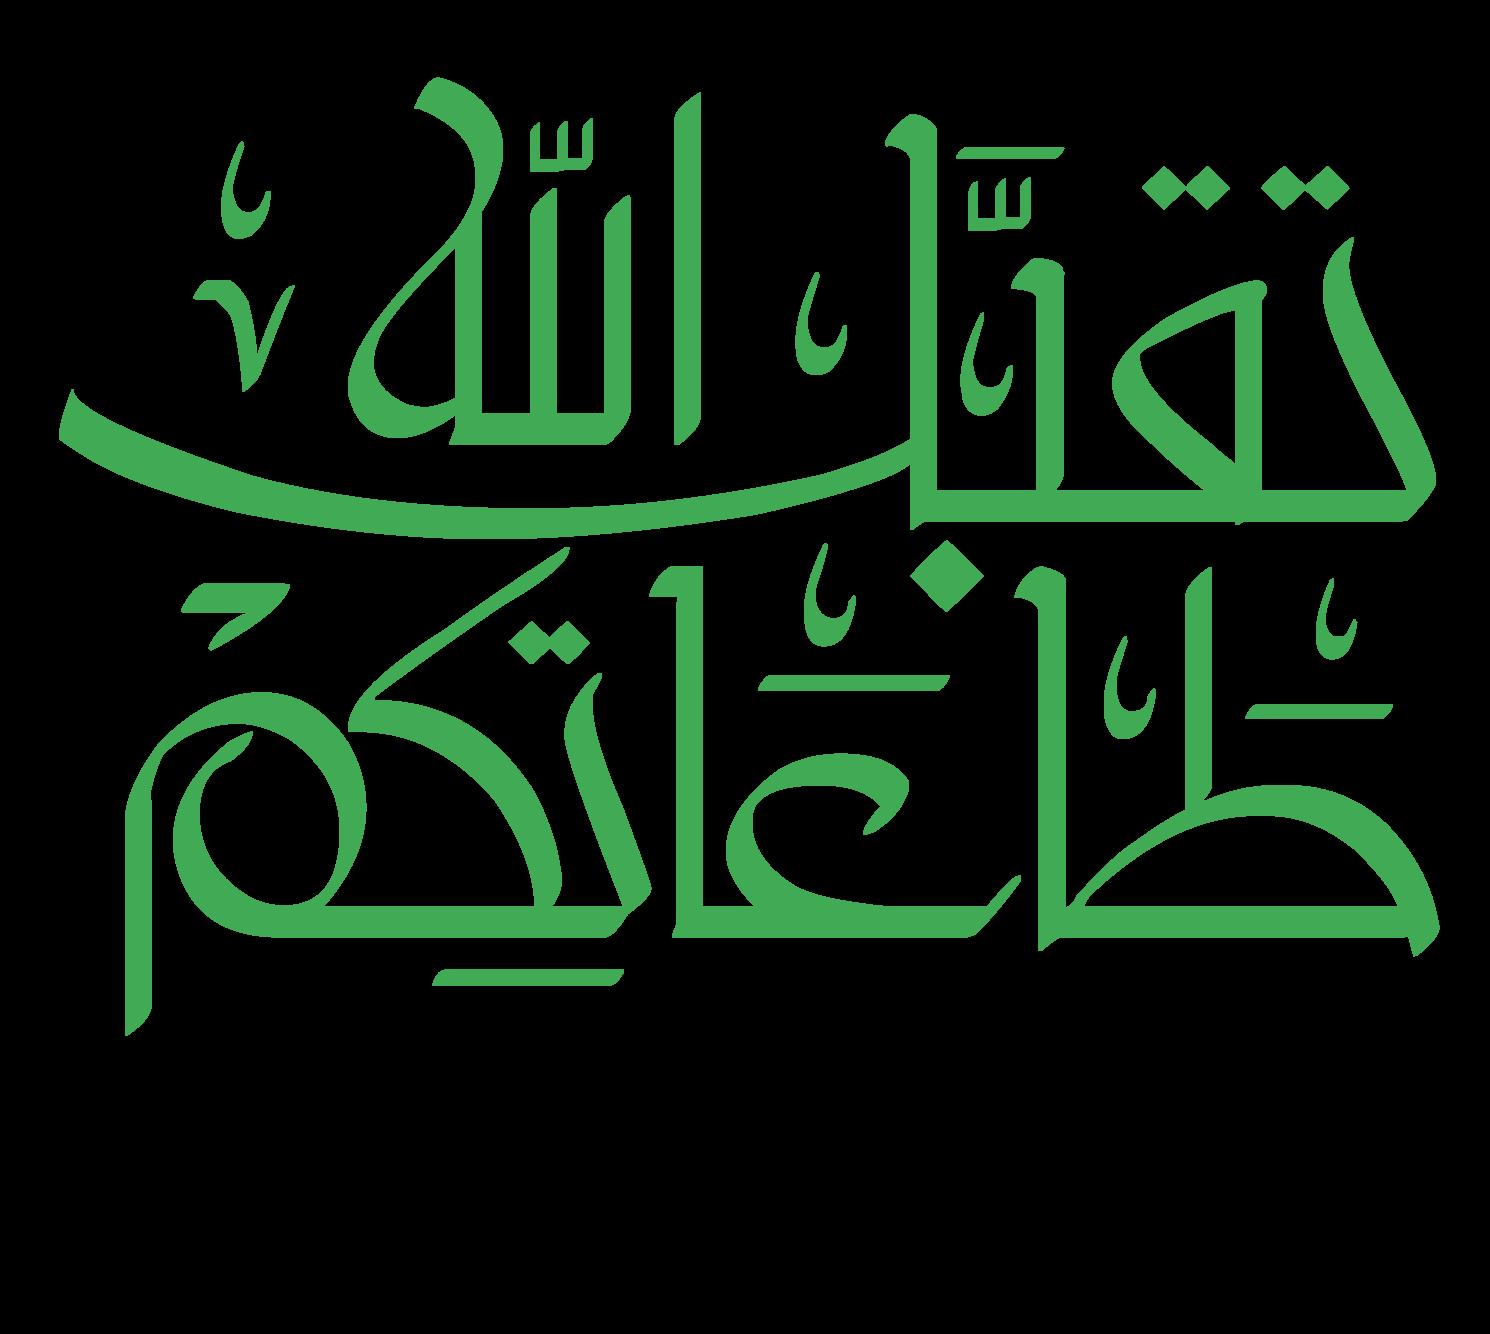 عبارات تقبل الله منا ومنكم صالح الأعمال صور تقبل الله منا ومنكم Math Arabic Calligraphy Calligraphy